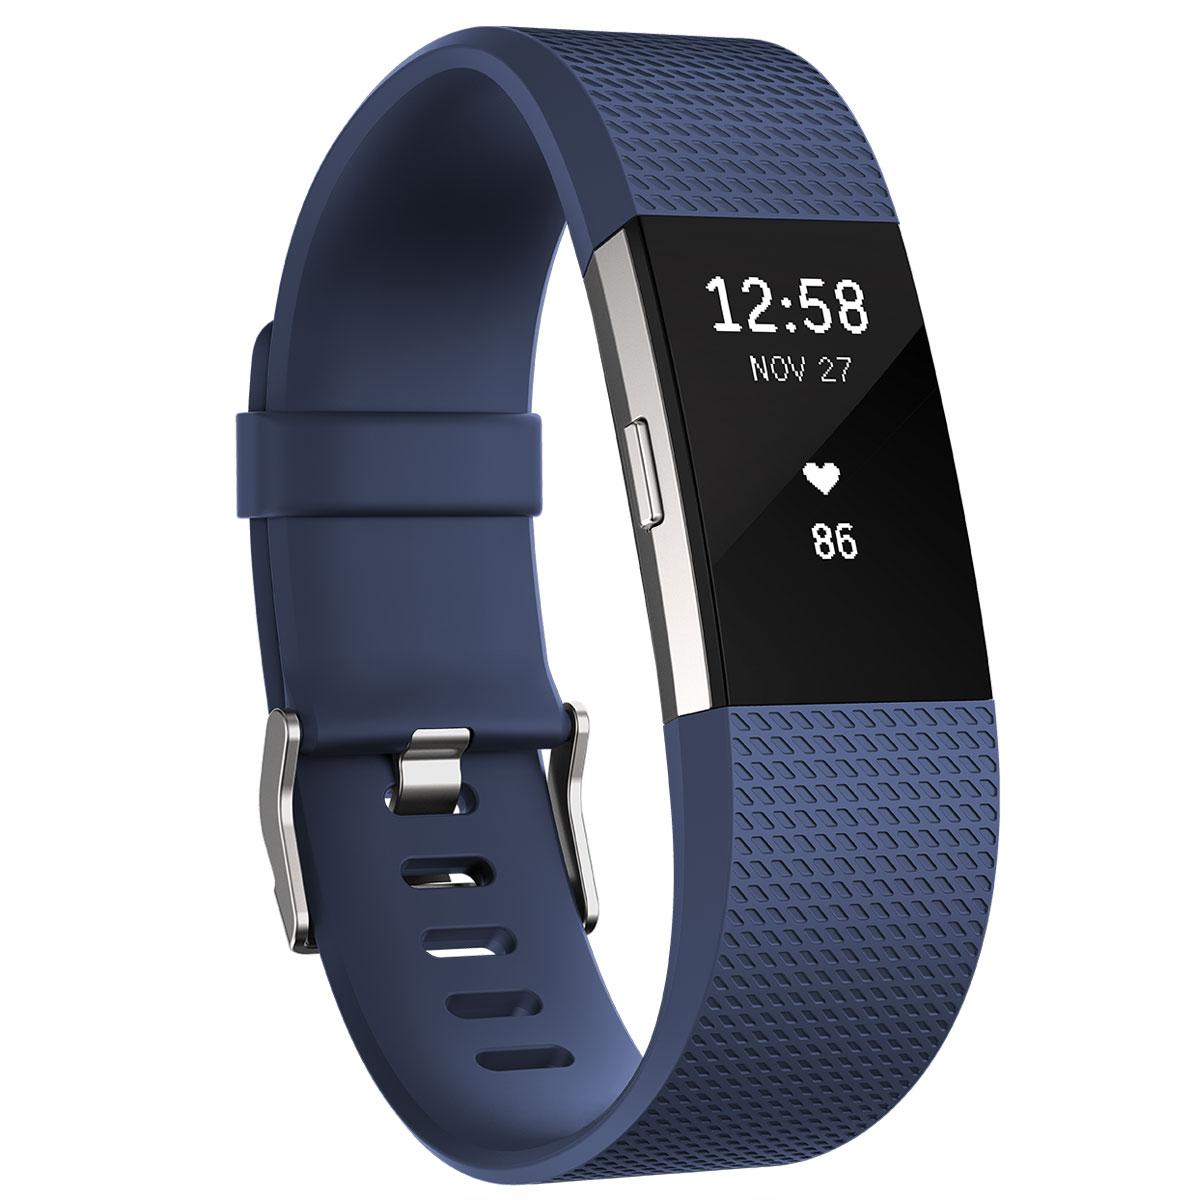 Bracelet connecté FitBit Charge 2 Bleu S Coach électronique sans fil résistant aux éclaboussures pour smartphone iOS & Android (Taille S)